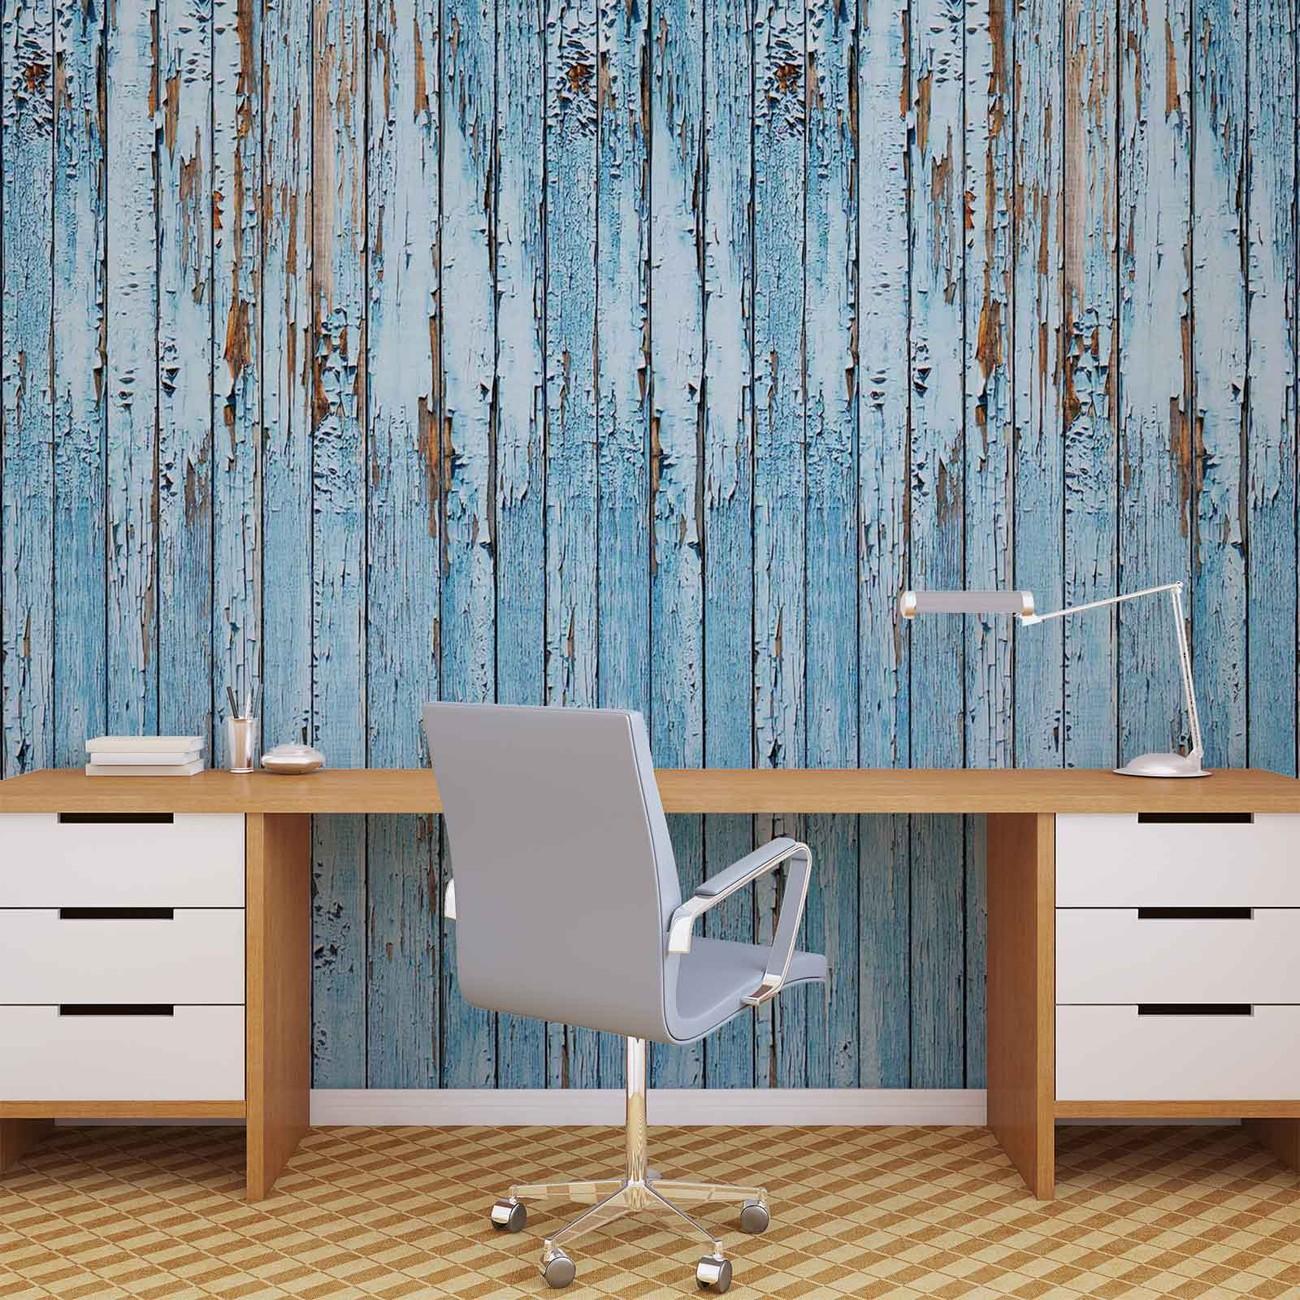 Planches de bois poster mural papier peint acheter le for Acheter planche de bois